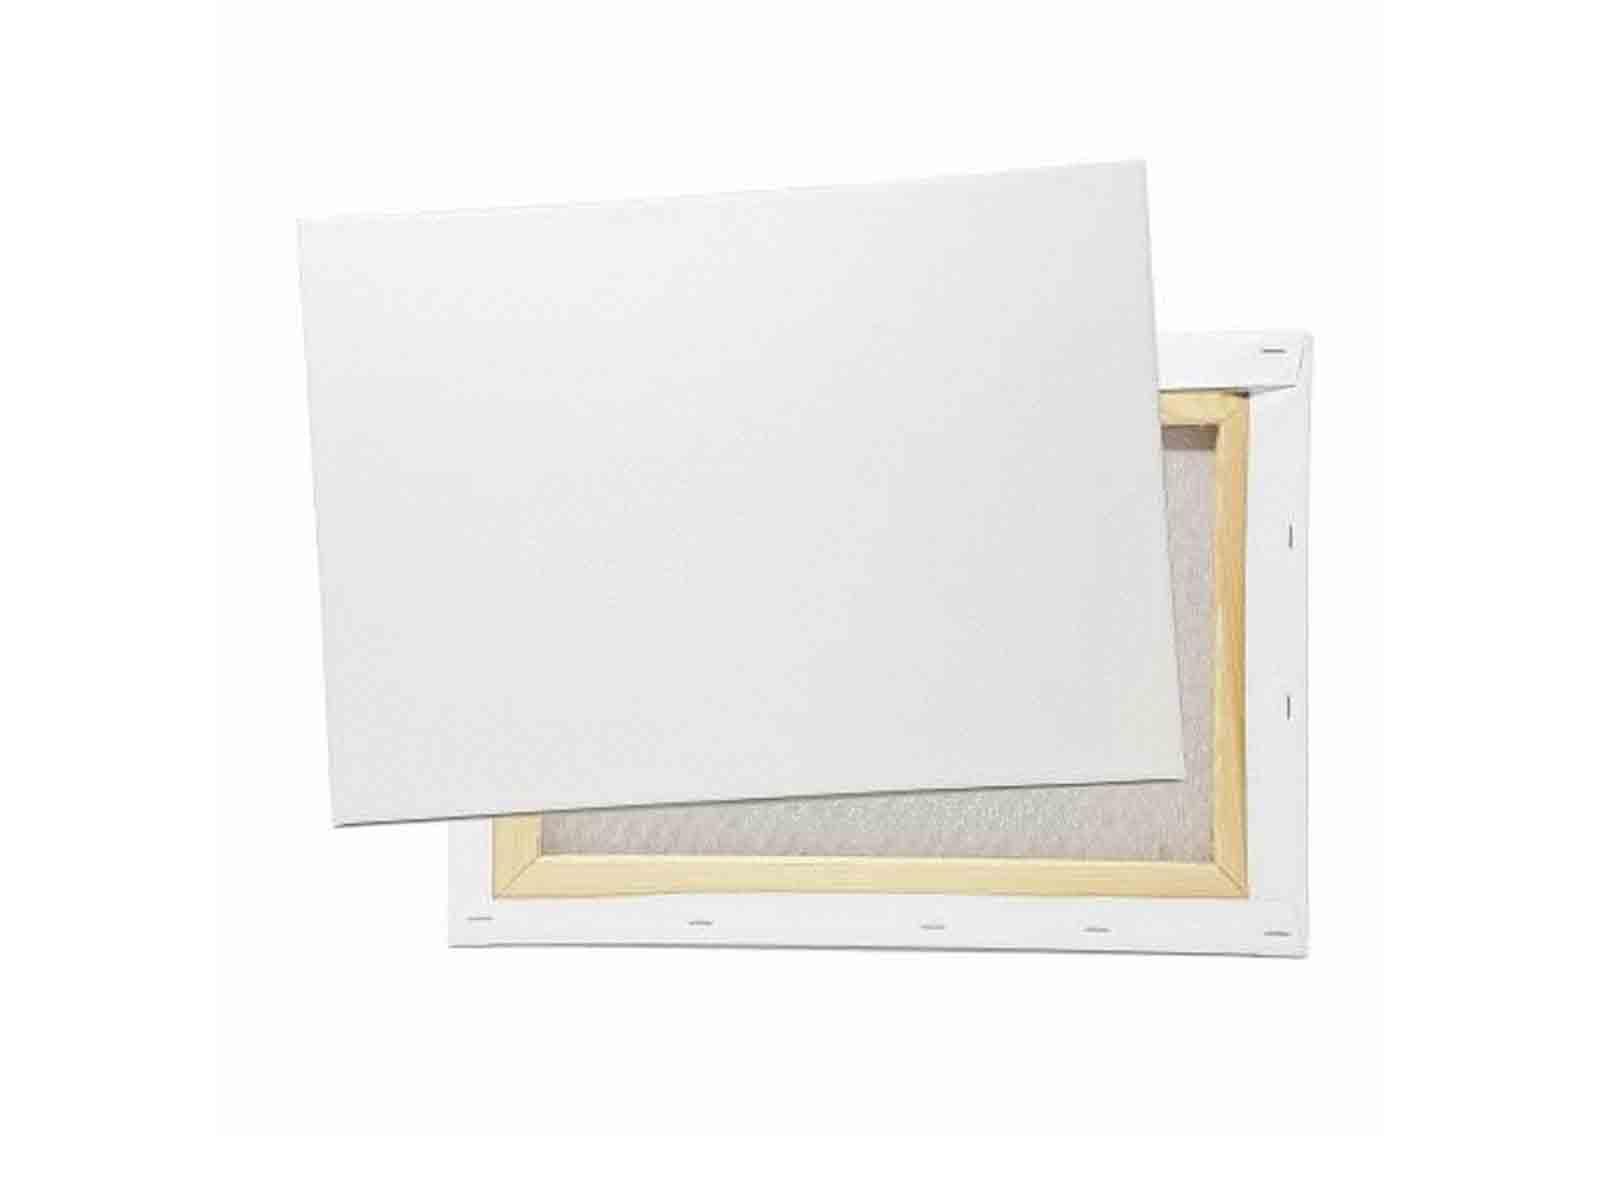 12137 Formato 30 x 30 cm dise/ño preimpreso para Colorear con Pinturas acr/ílicas Blanco Acuarelas y /óleos y rotuladores de Colores Honsell-Bastidor an/émonas